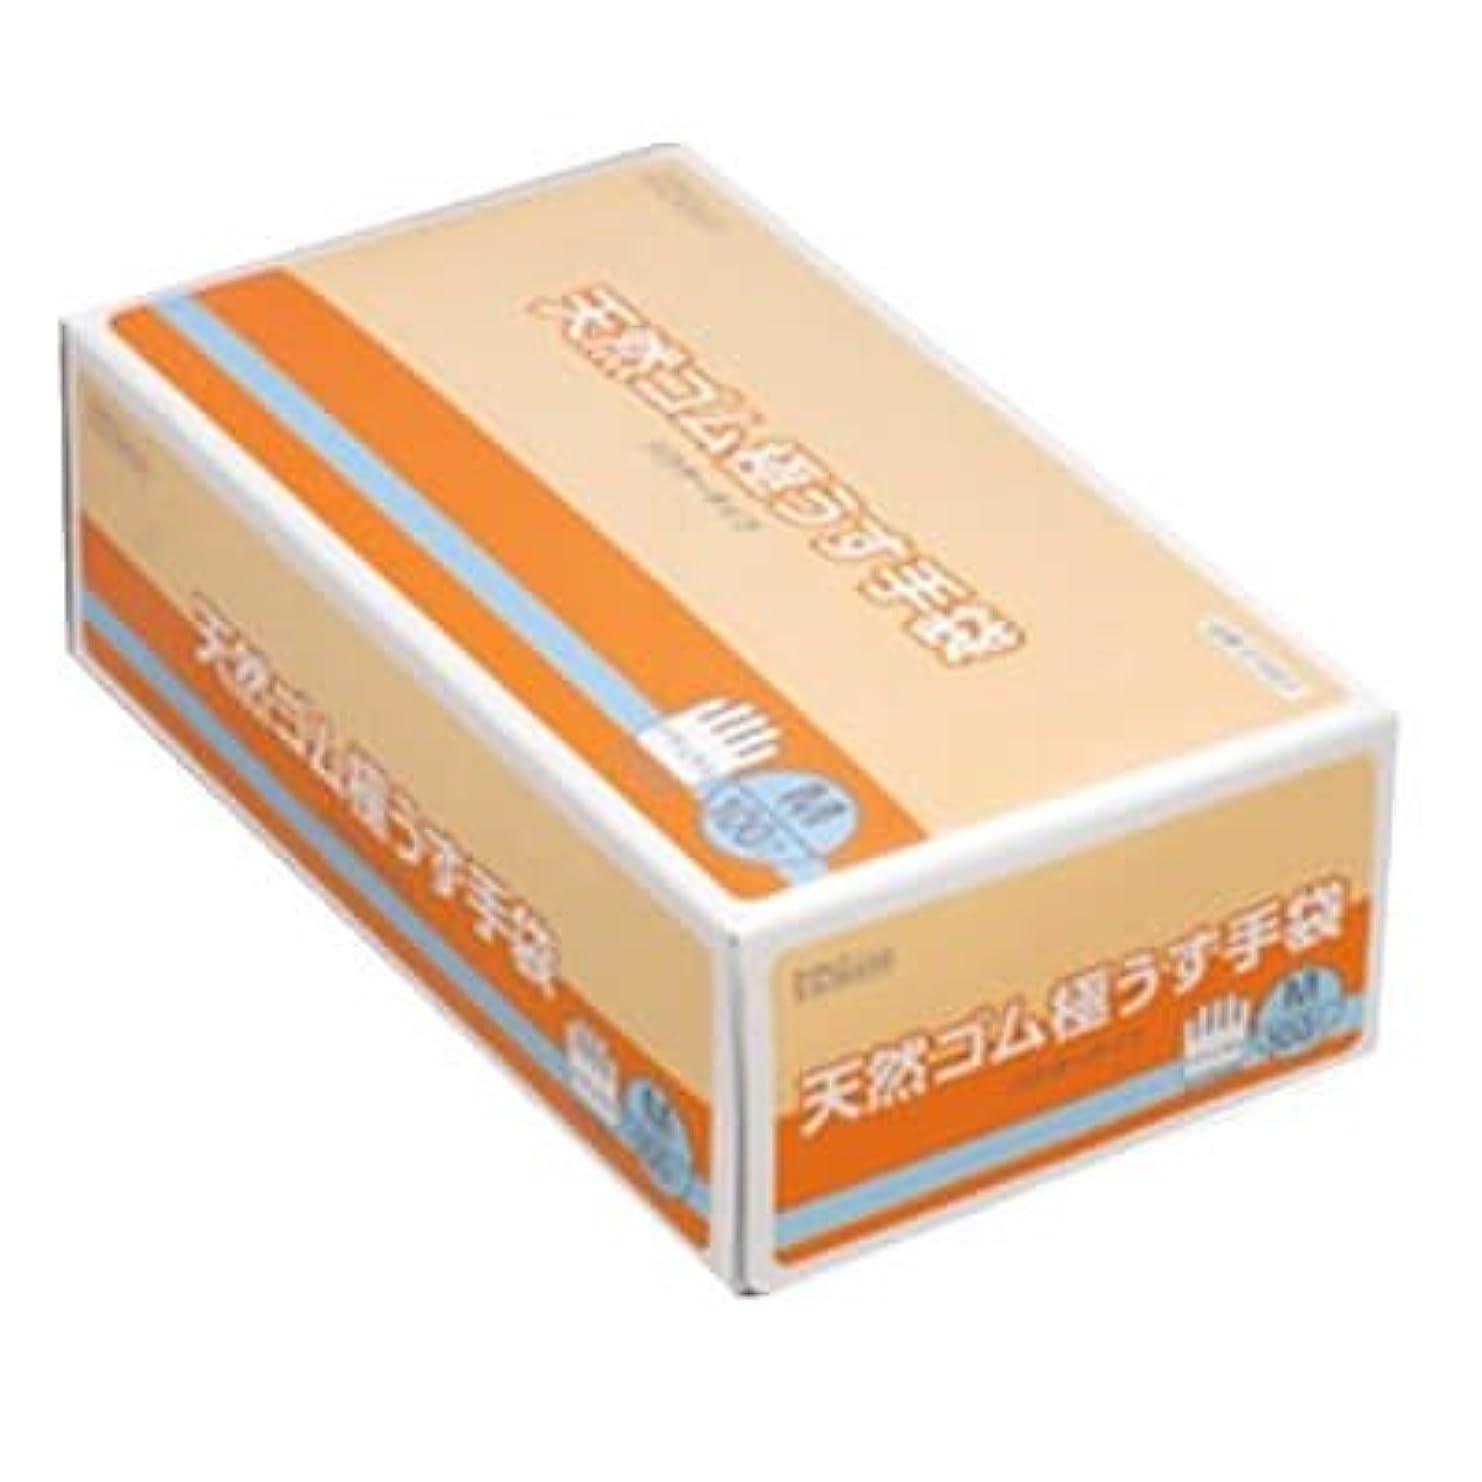 臭い許される生息地【ケース販売】 ダンロップ 天然ゴム極うす手袋 M ナチュラル (100枚入×20箱)